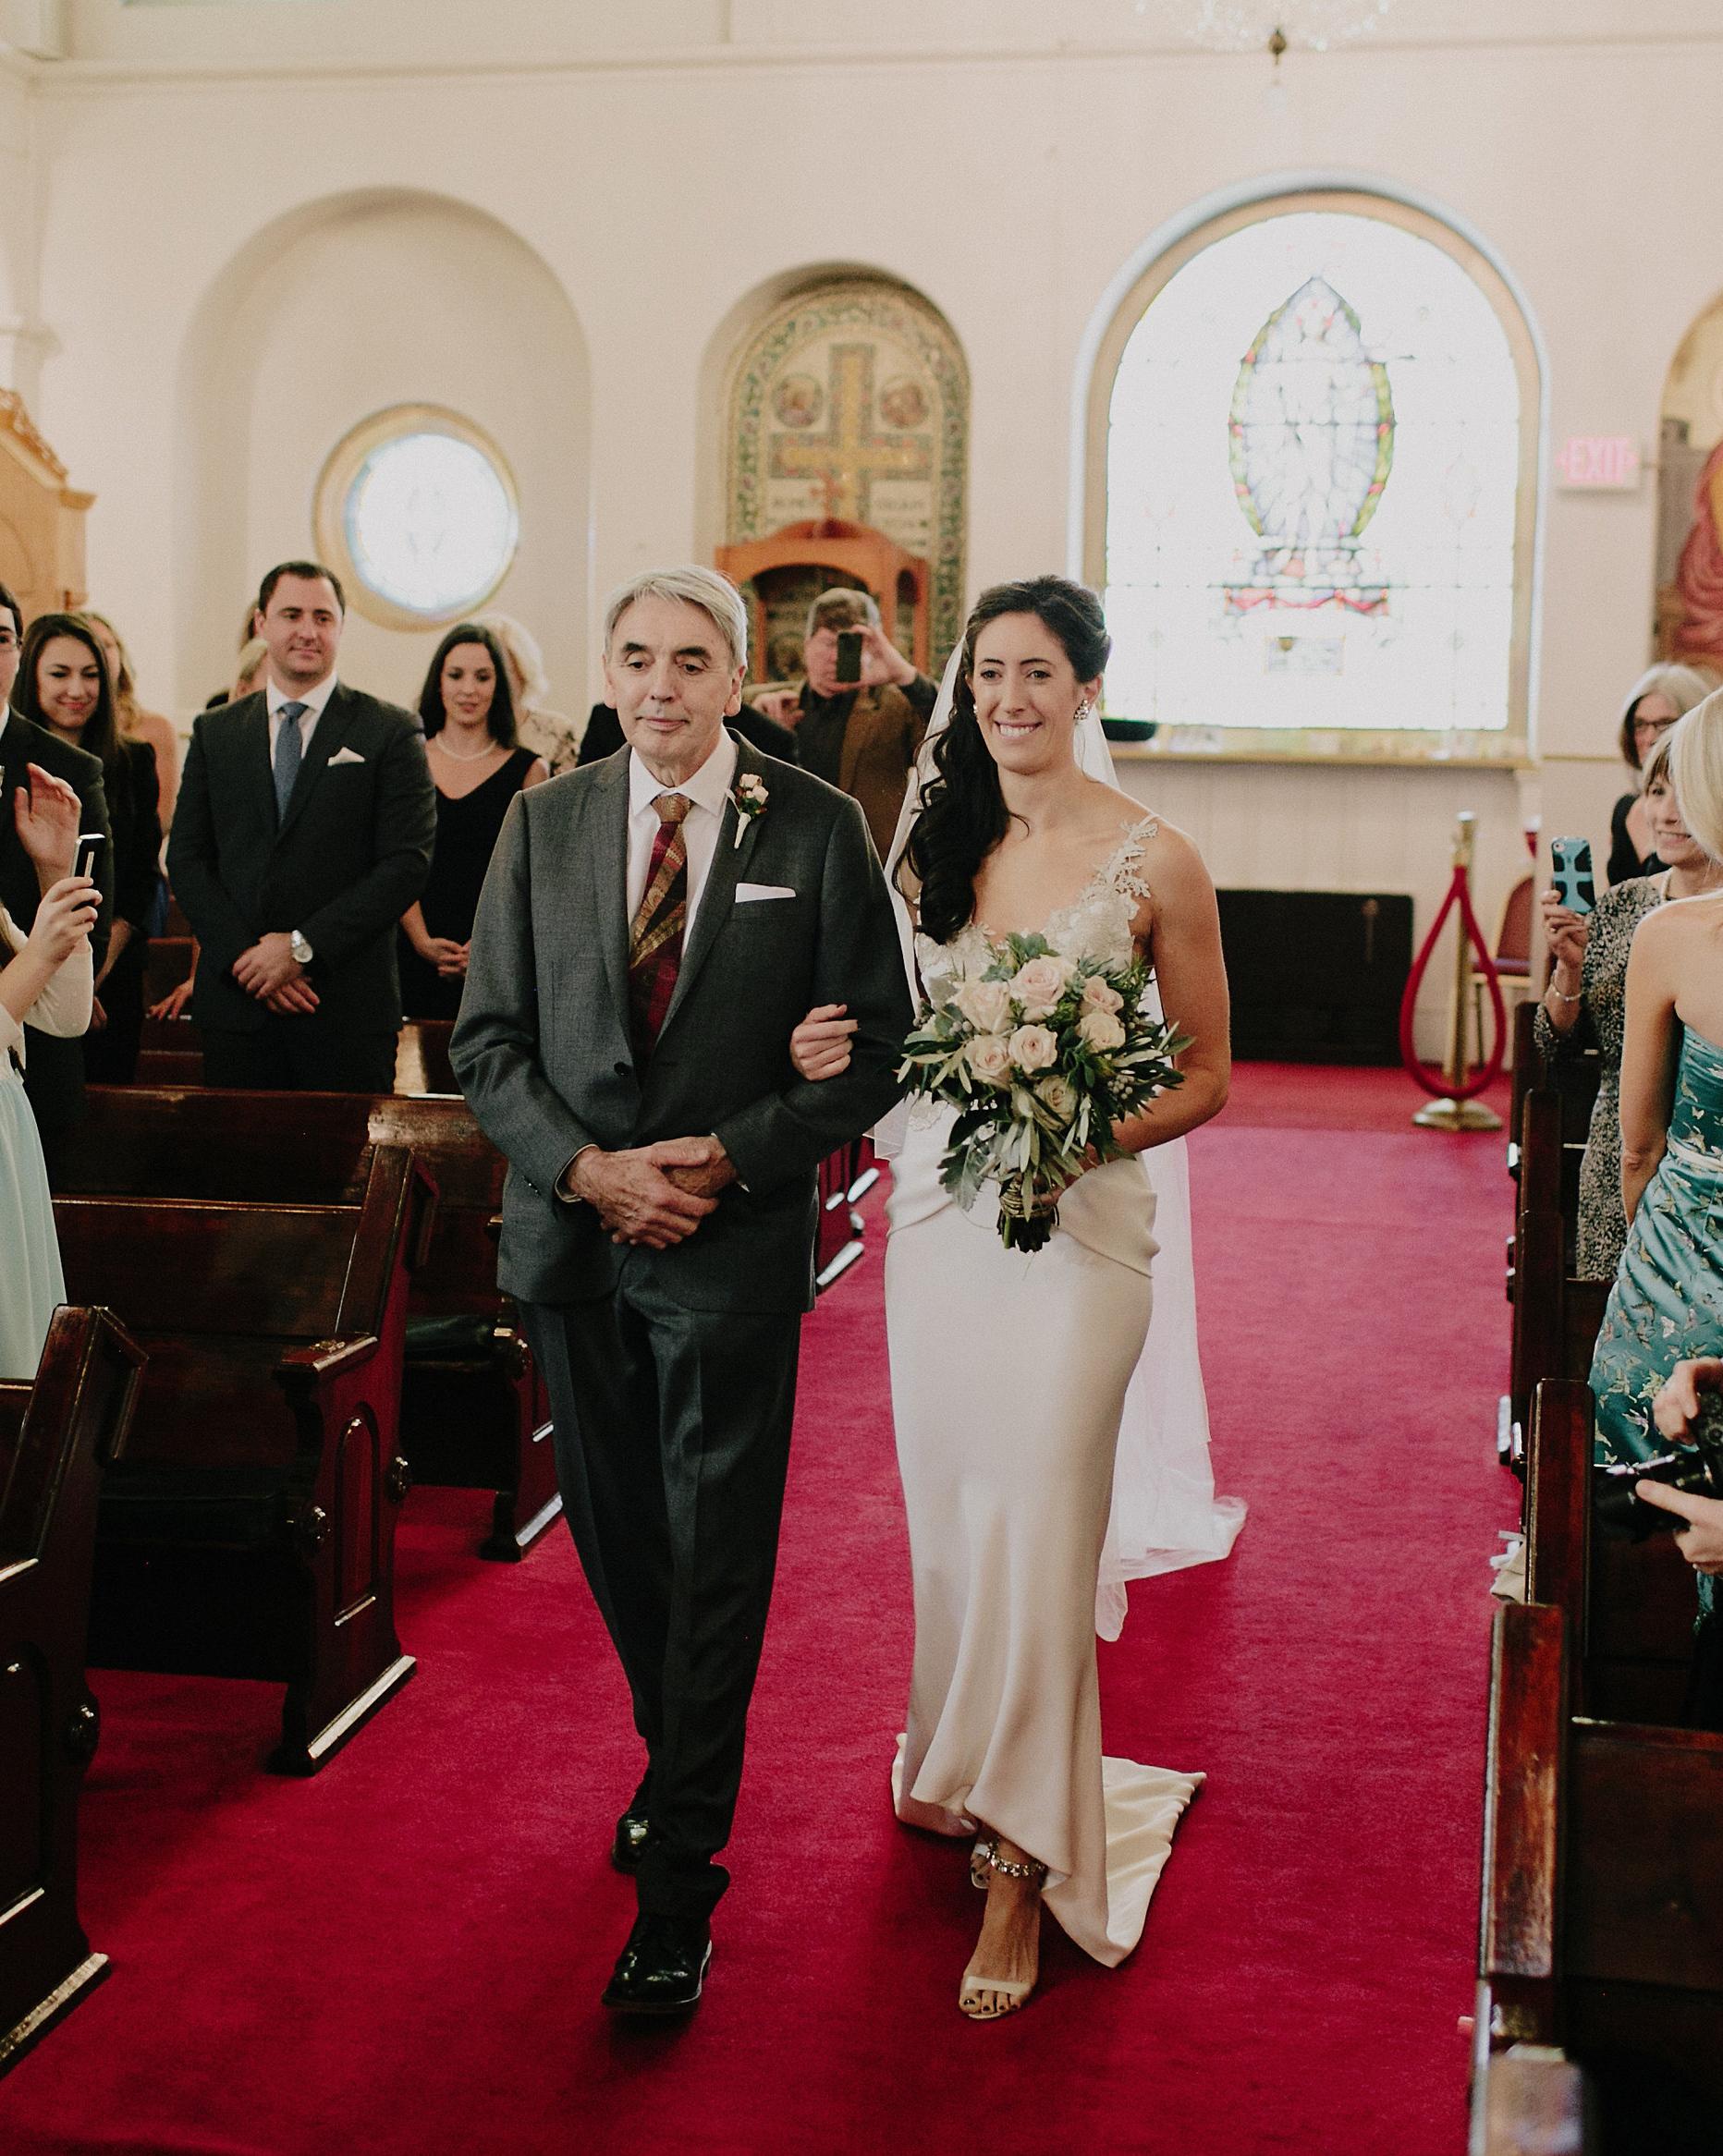 rosie-constantine-wedding-processional-118-s112177-1015.jpg